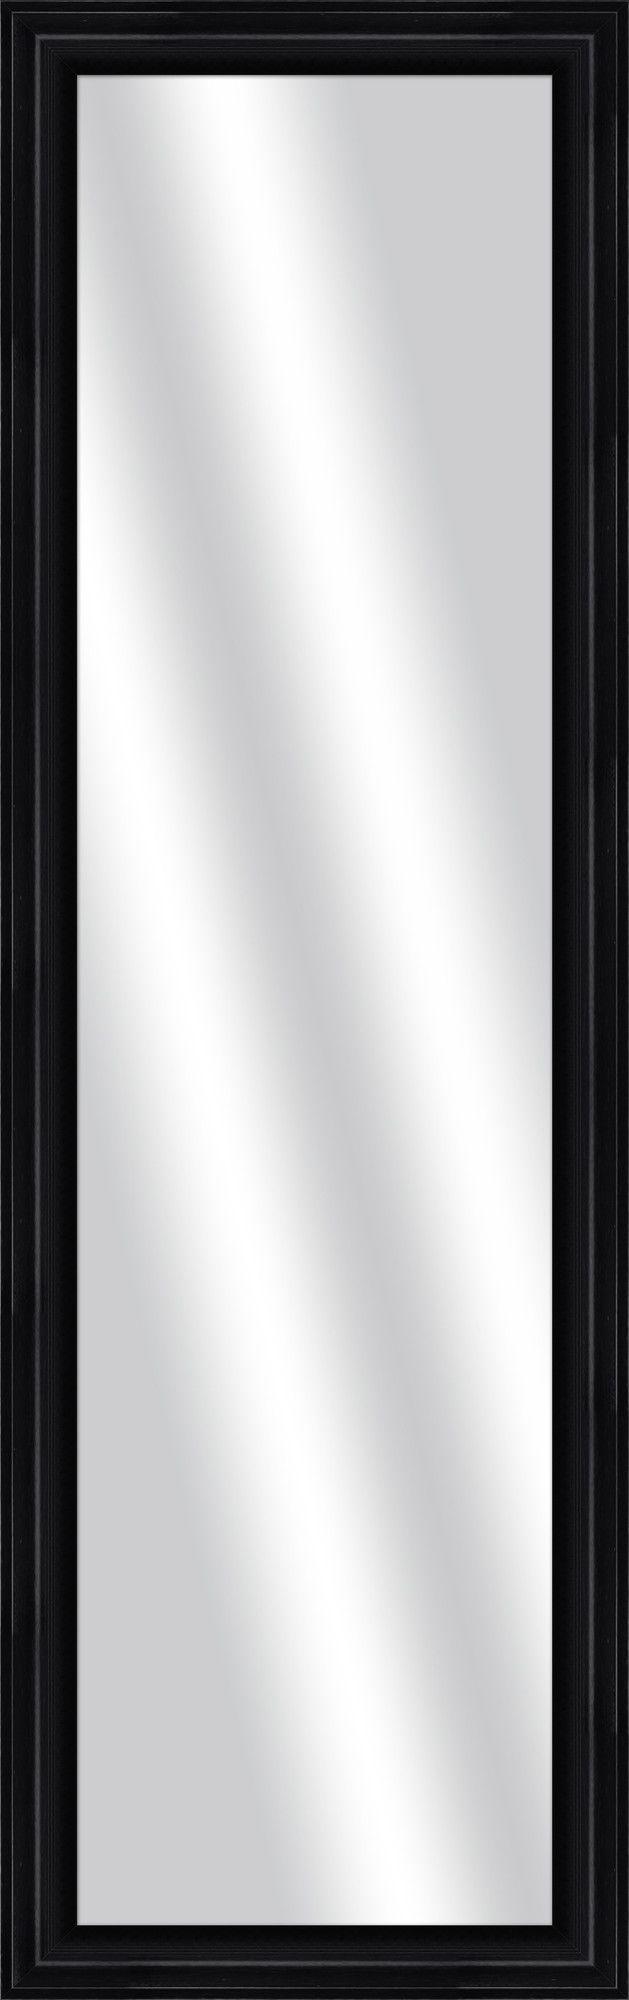 Over The Door Mirrors As 25 Melhores Ideias De Over The Door Mirror No Pinterest